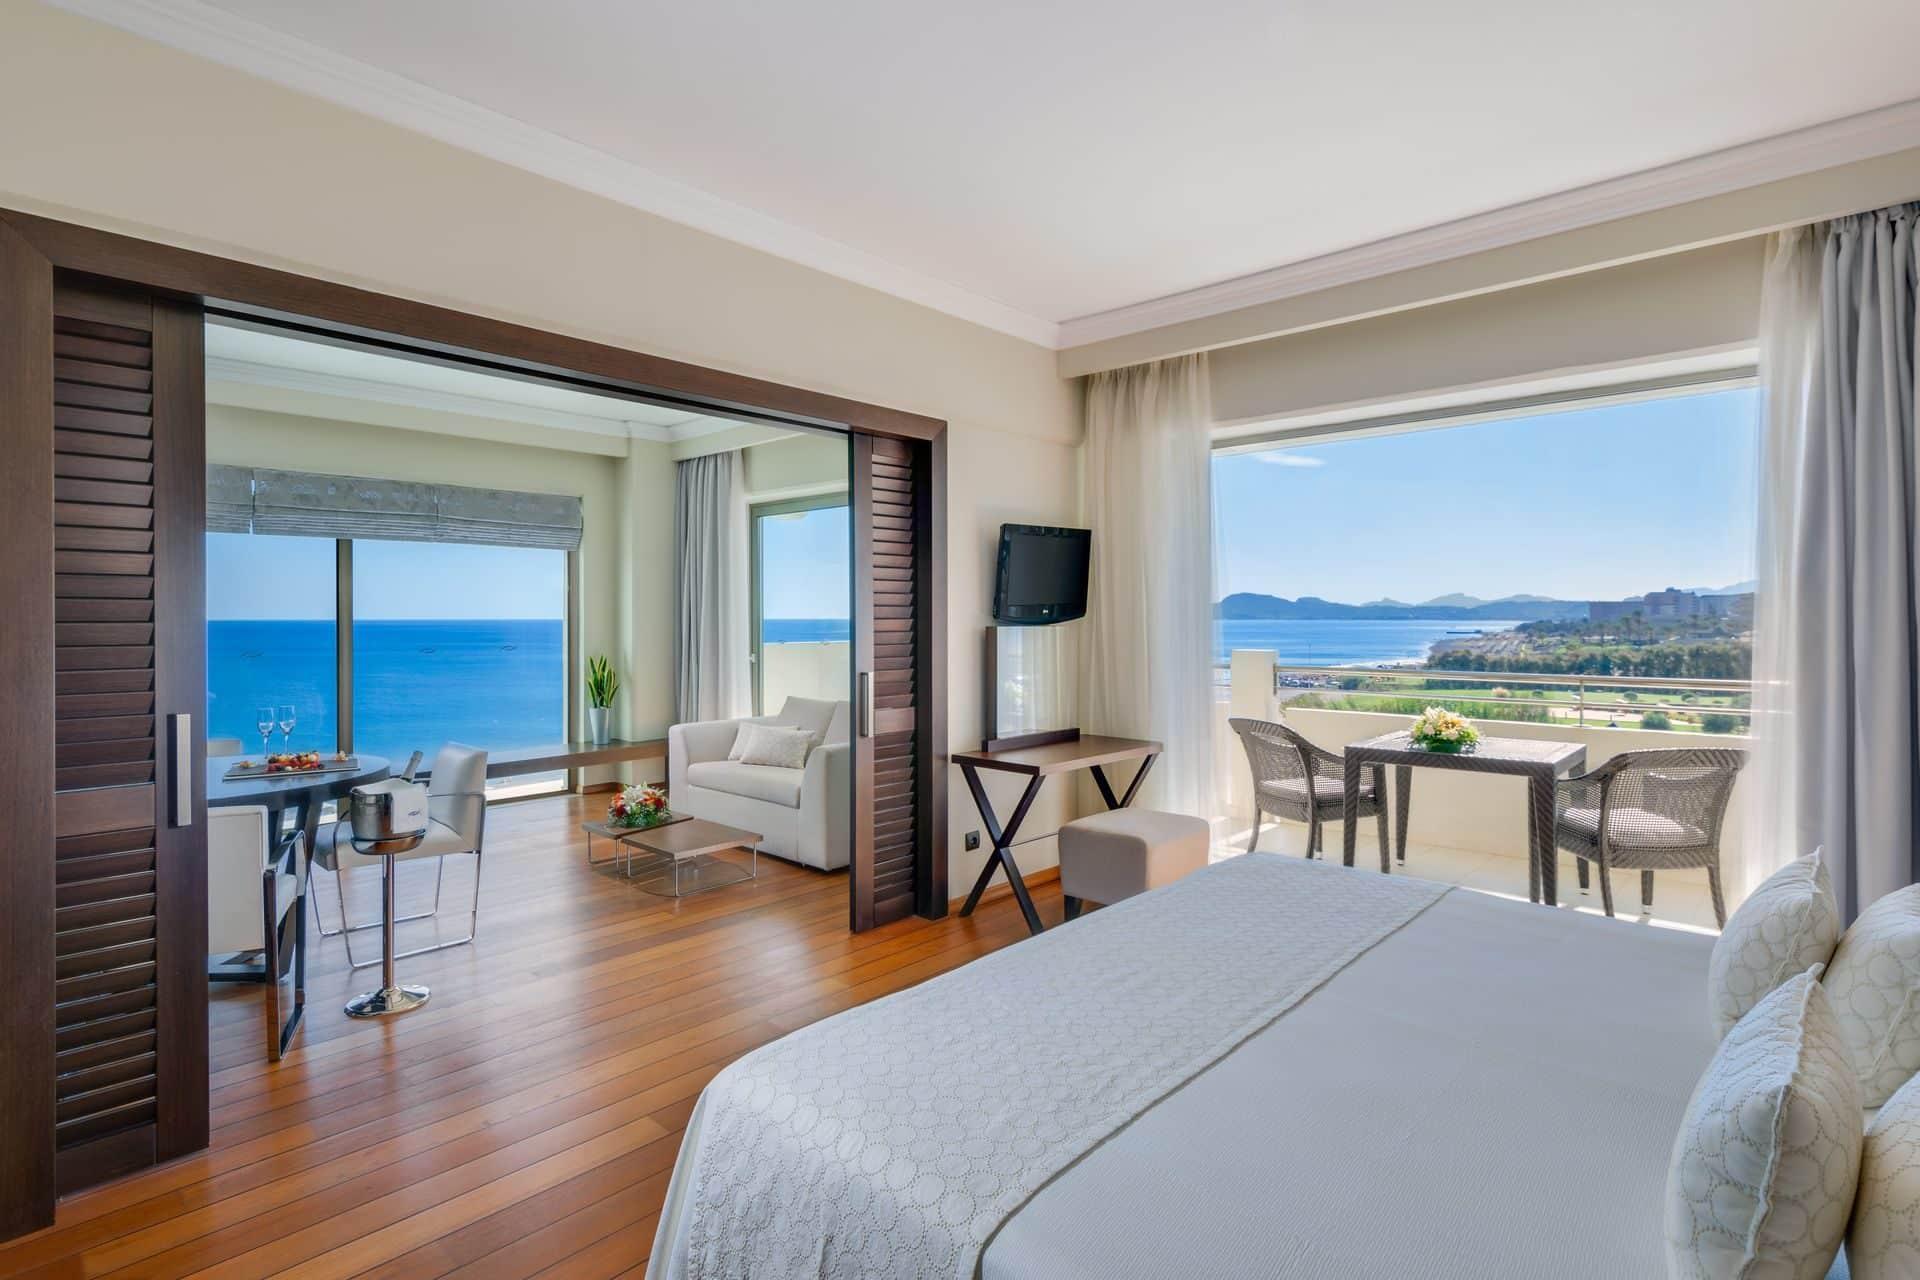 1612_Elite_One_Bedroom_Luxury_Suite_Sea_View_ELYSIUM_result